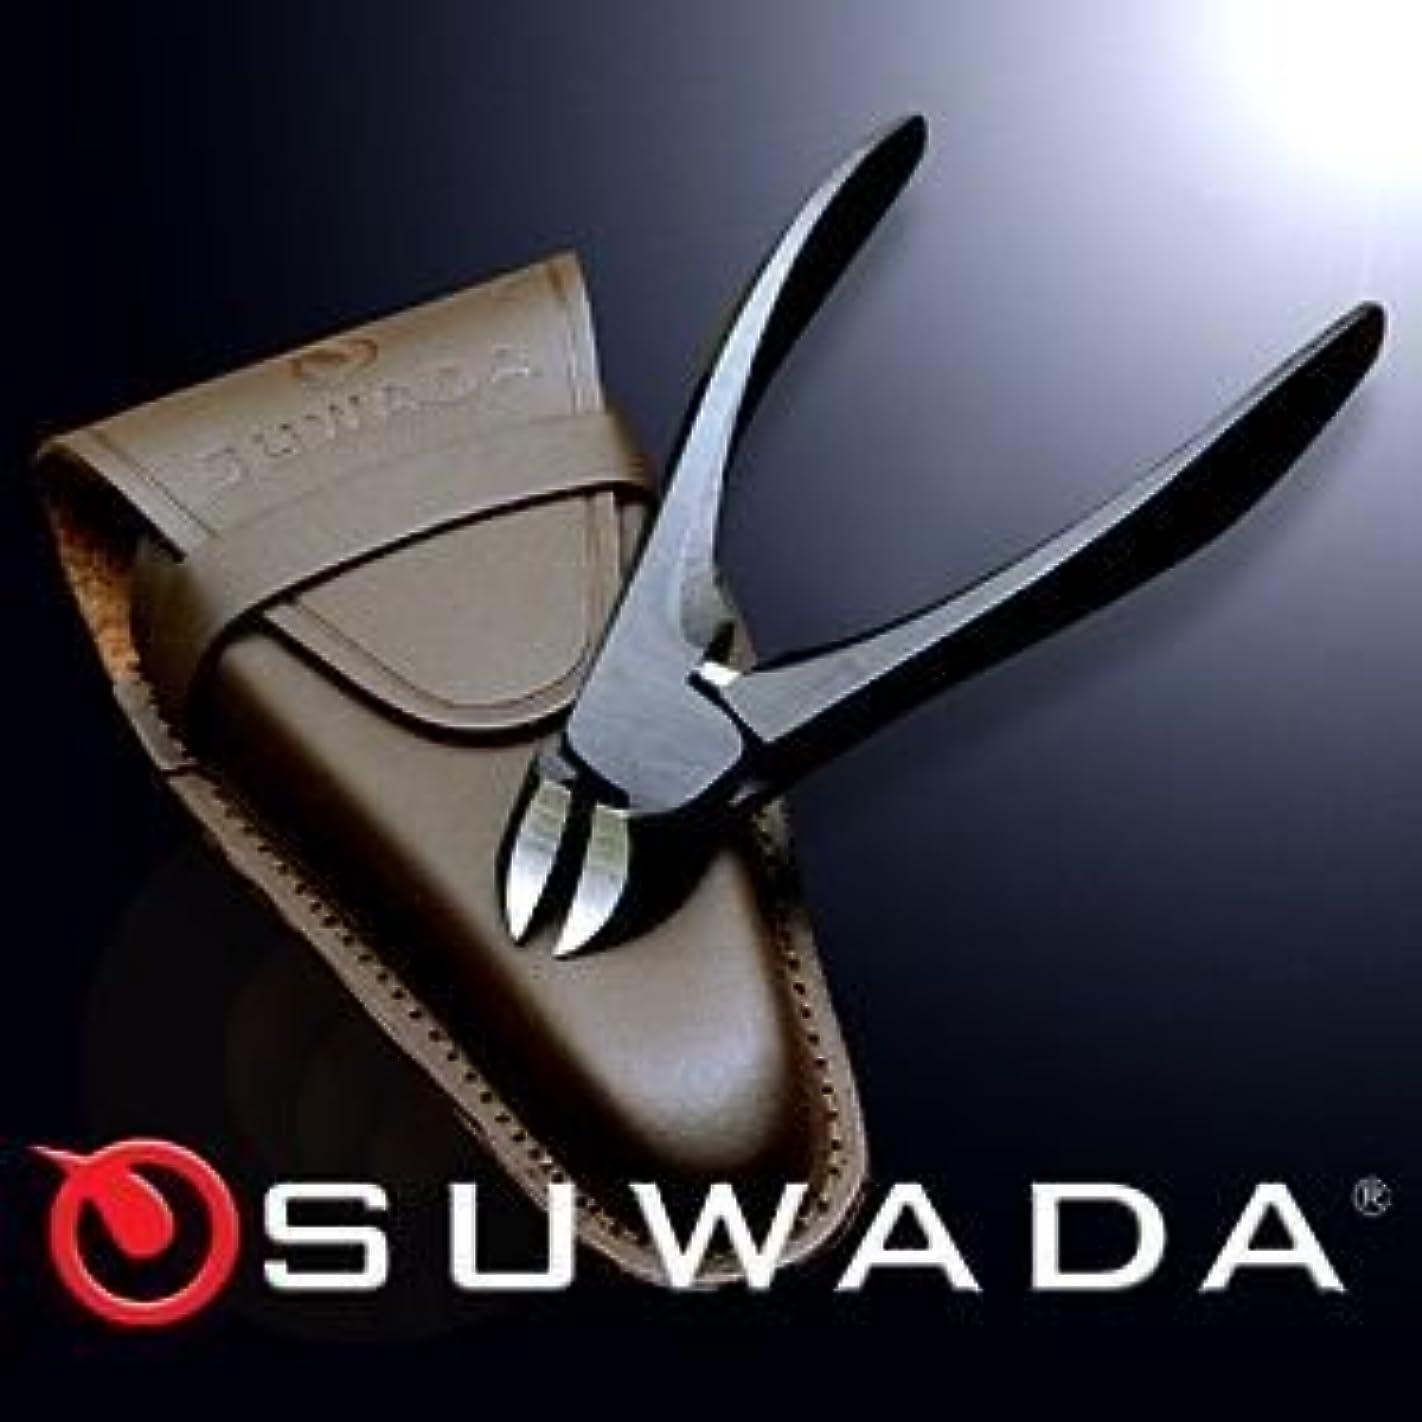 優しい太平洋諸島クーポンSUWADA爪切りブラックL&革ケースセット 特注モデル 諏訪田製作所製 スワダの爪切り